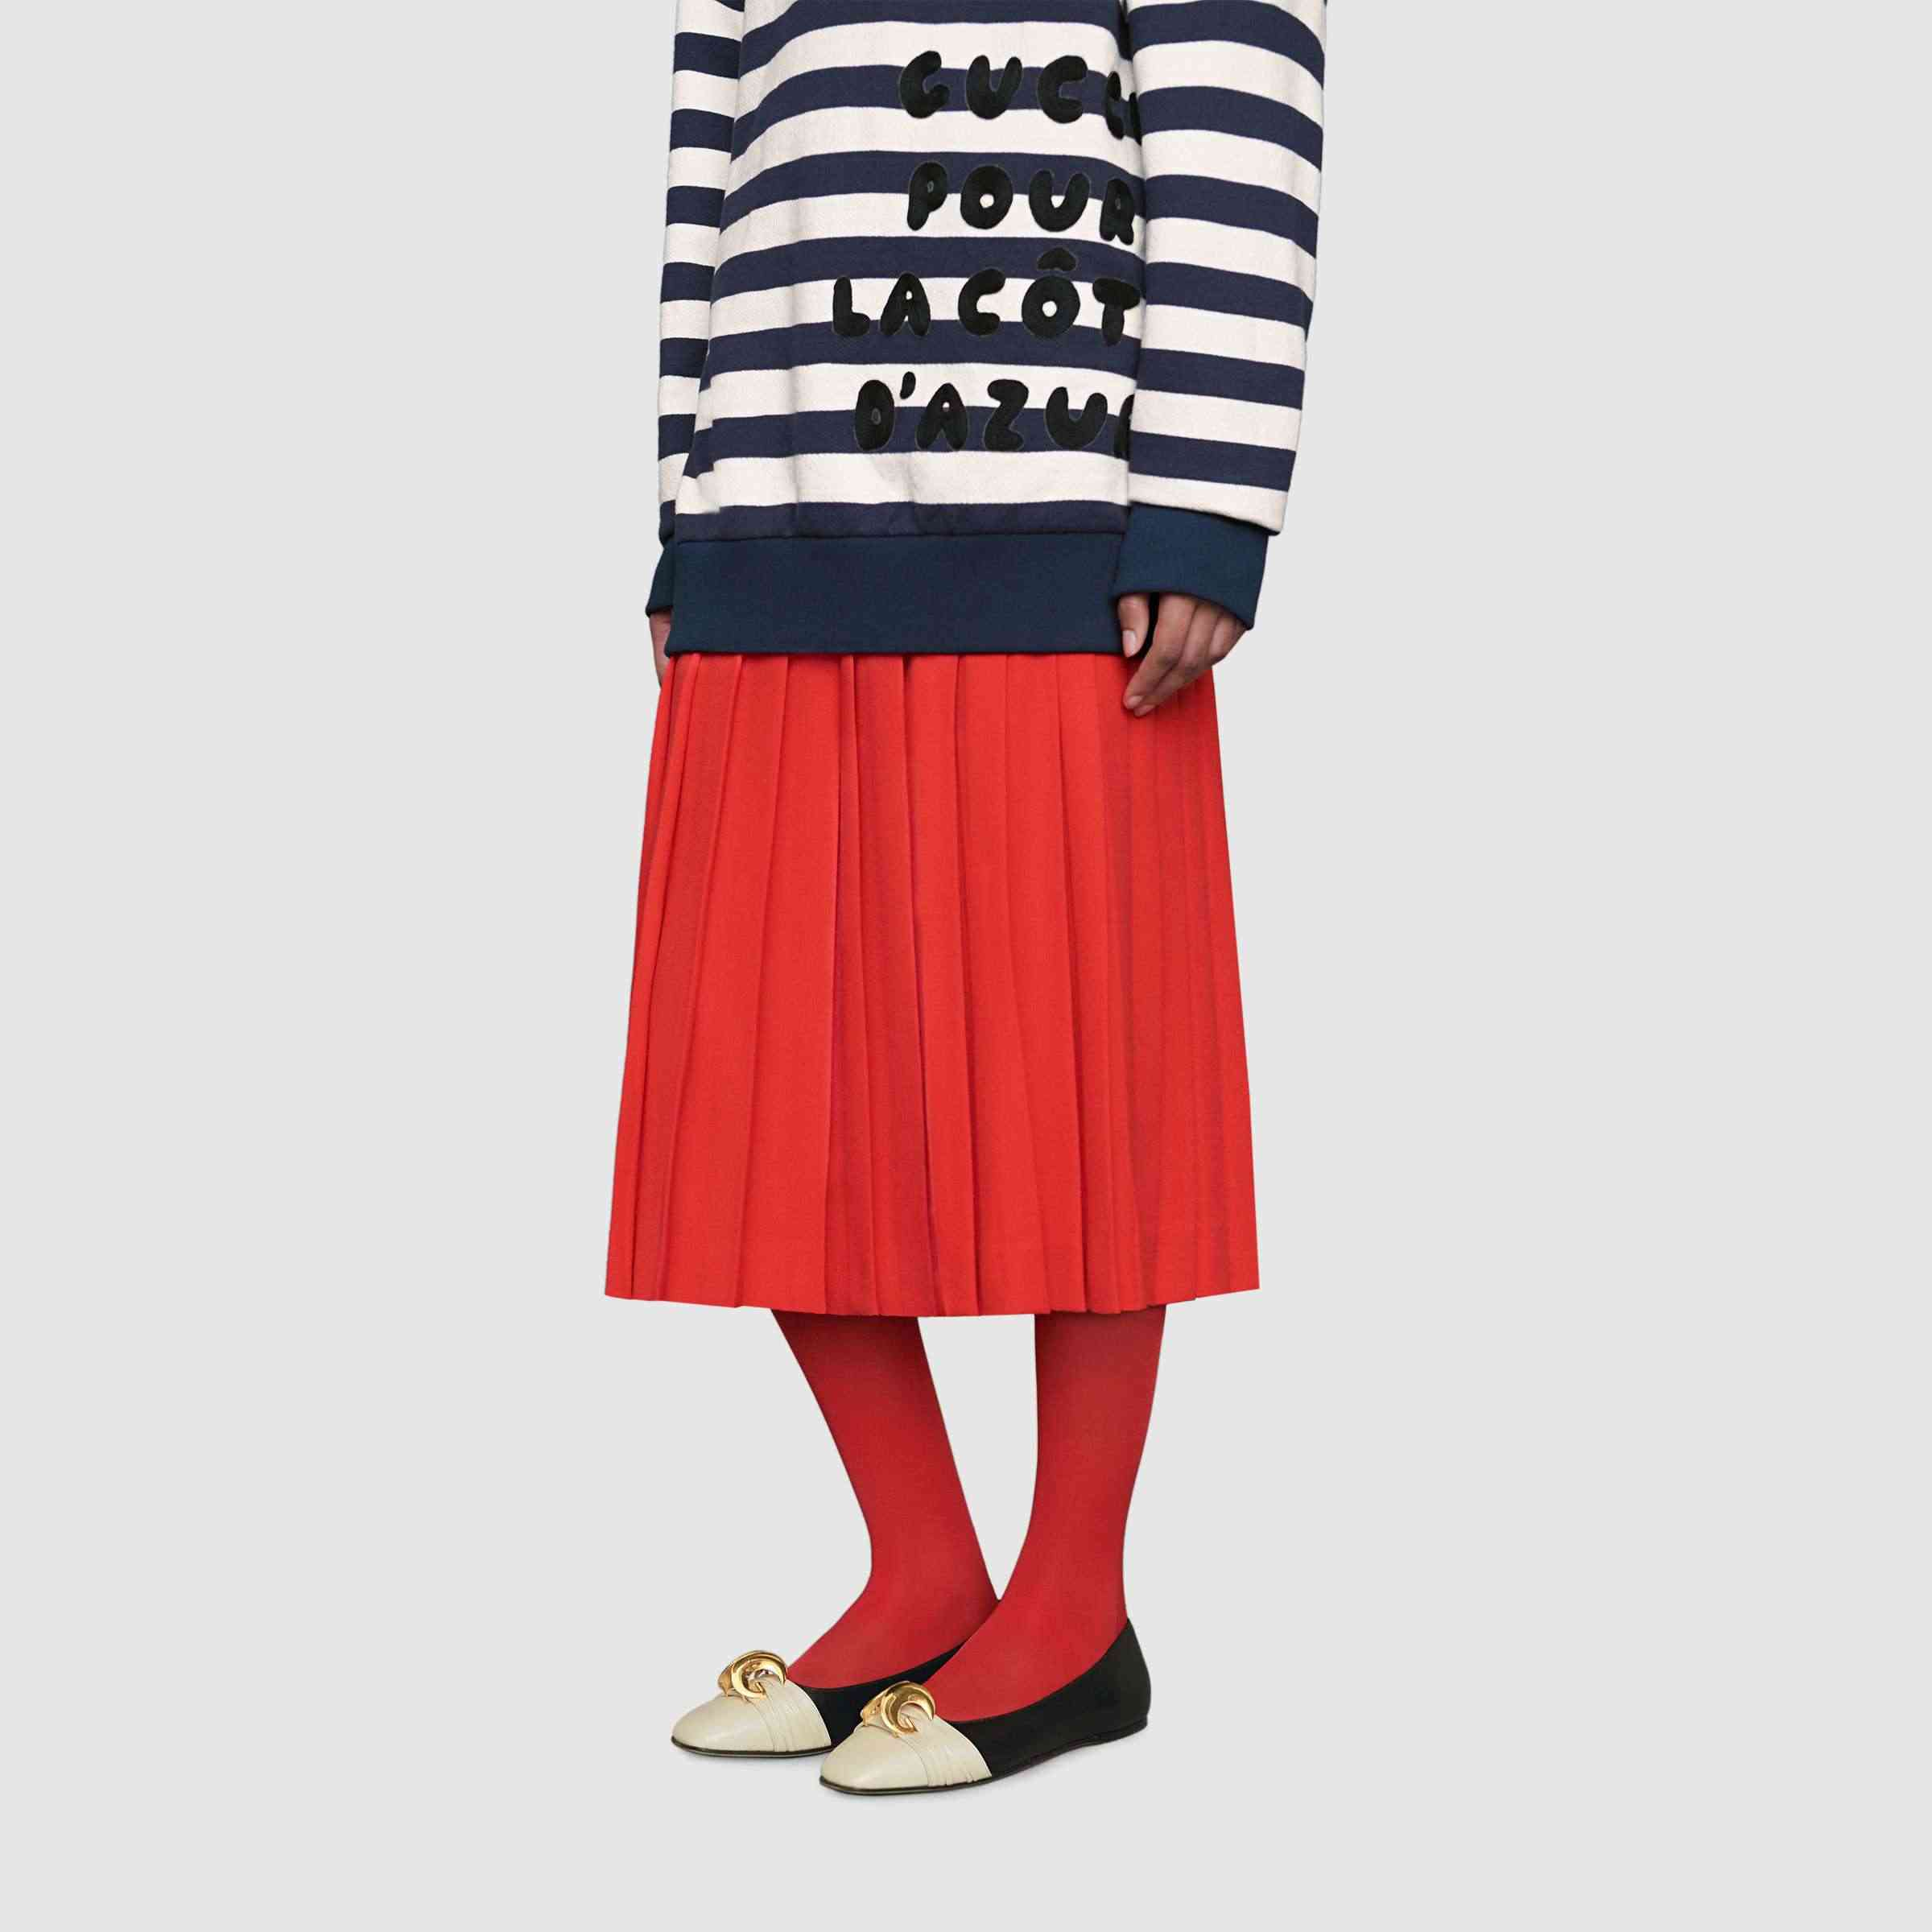 Ý sang trọng thương hiệu Nữ Phẳng Giày Slip On Nam Da Thật 100% Chính Hãng Da Giày thiết kế Người Phụ Nữ Ba Lê Đế Bằng 2019 Plus size 43 không logo